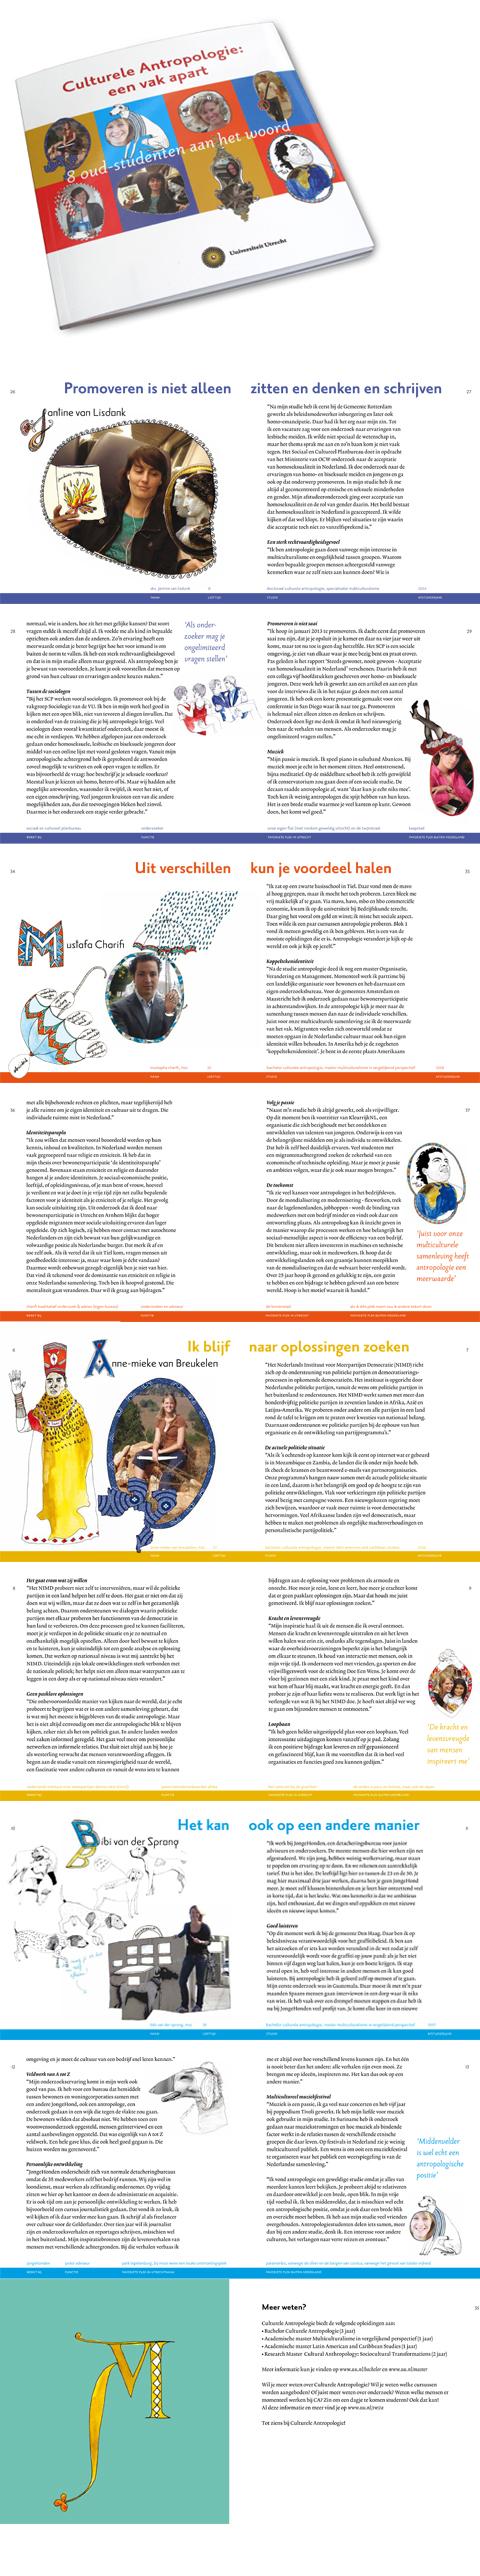 uu_culturele-antropologie1